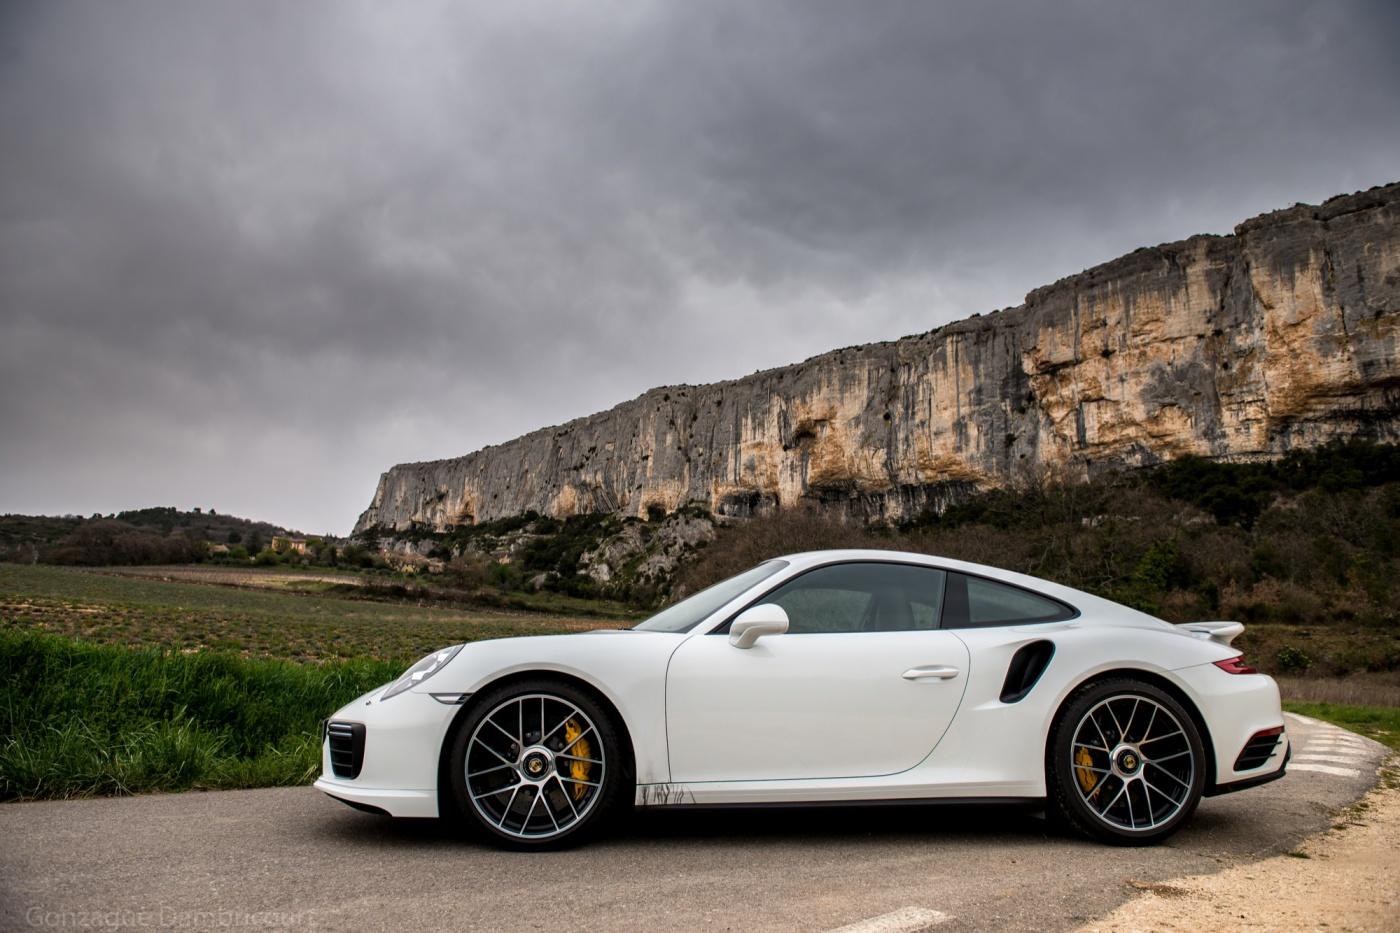 Porsche_911_2016_Gonzague-39